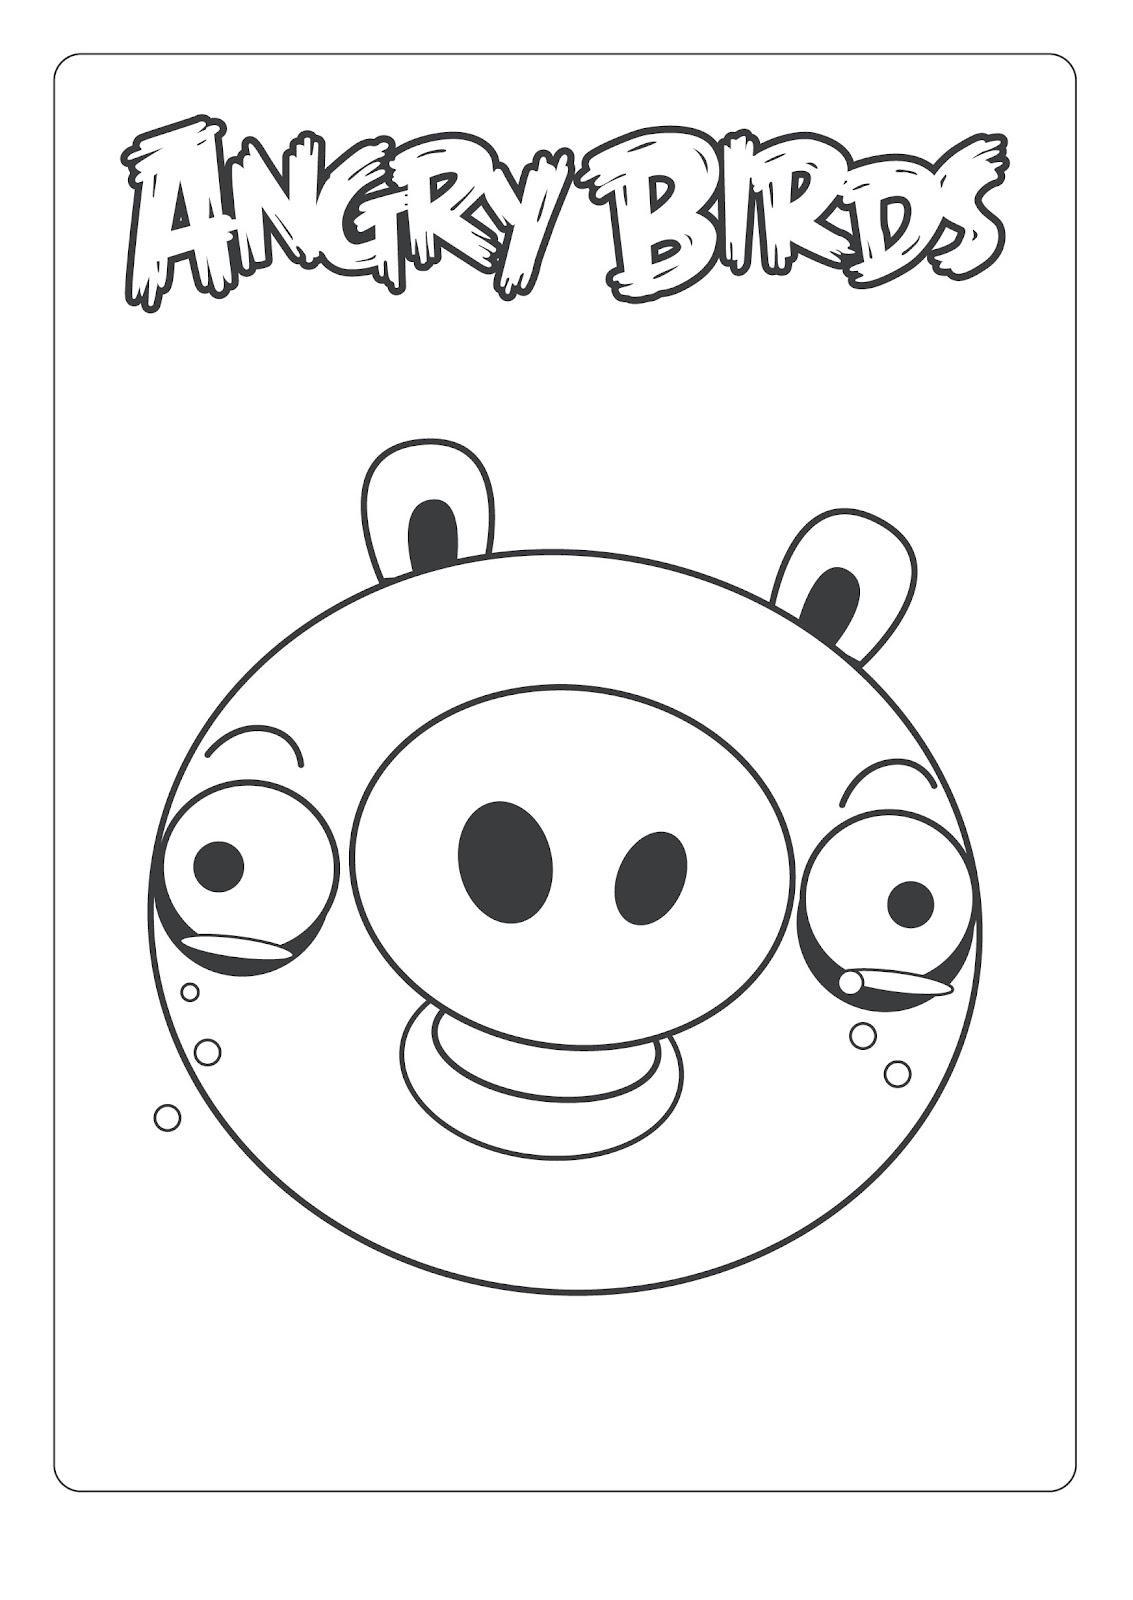 Dibujo para colorear de Bad Piggies: Cerdo Minion llorando